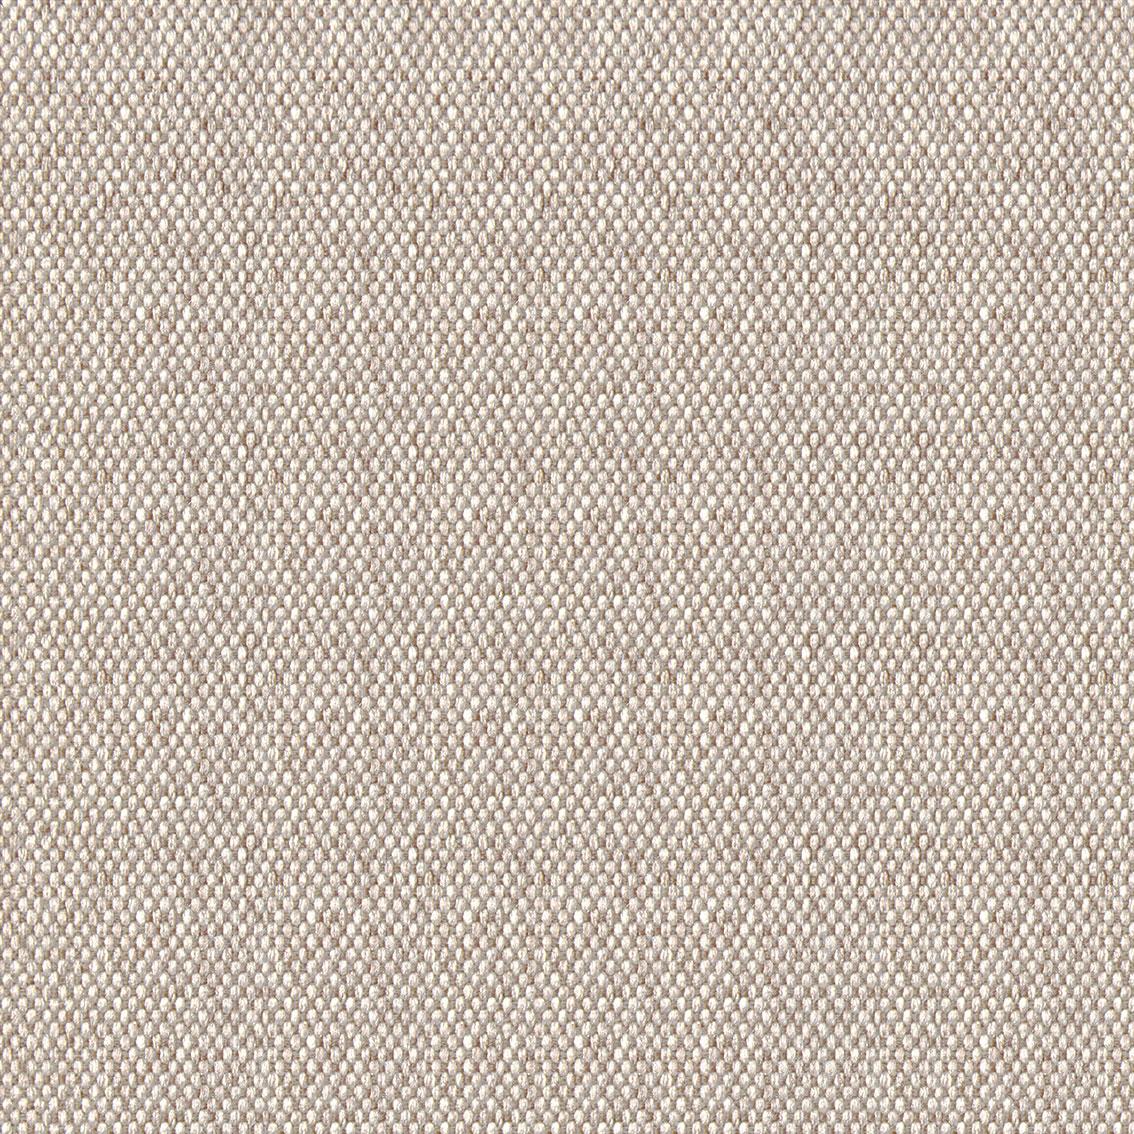 Коллекция ткани Leroy 301,  купить ткань Рогожка для мебели Украина